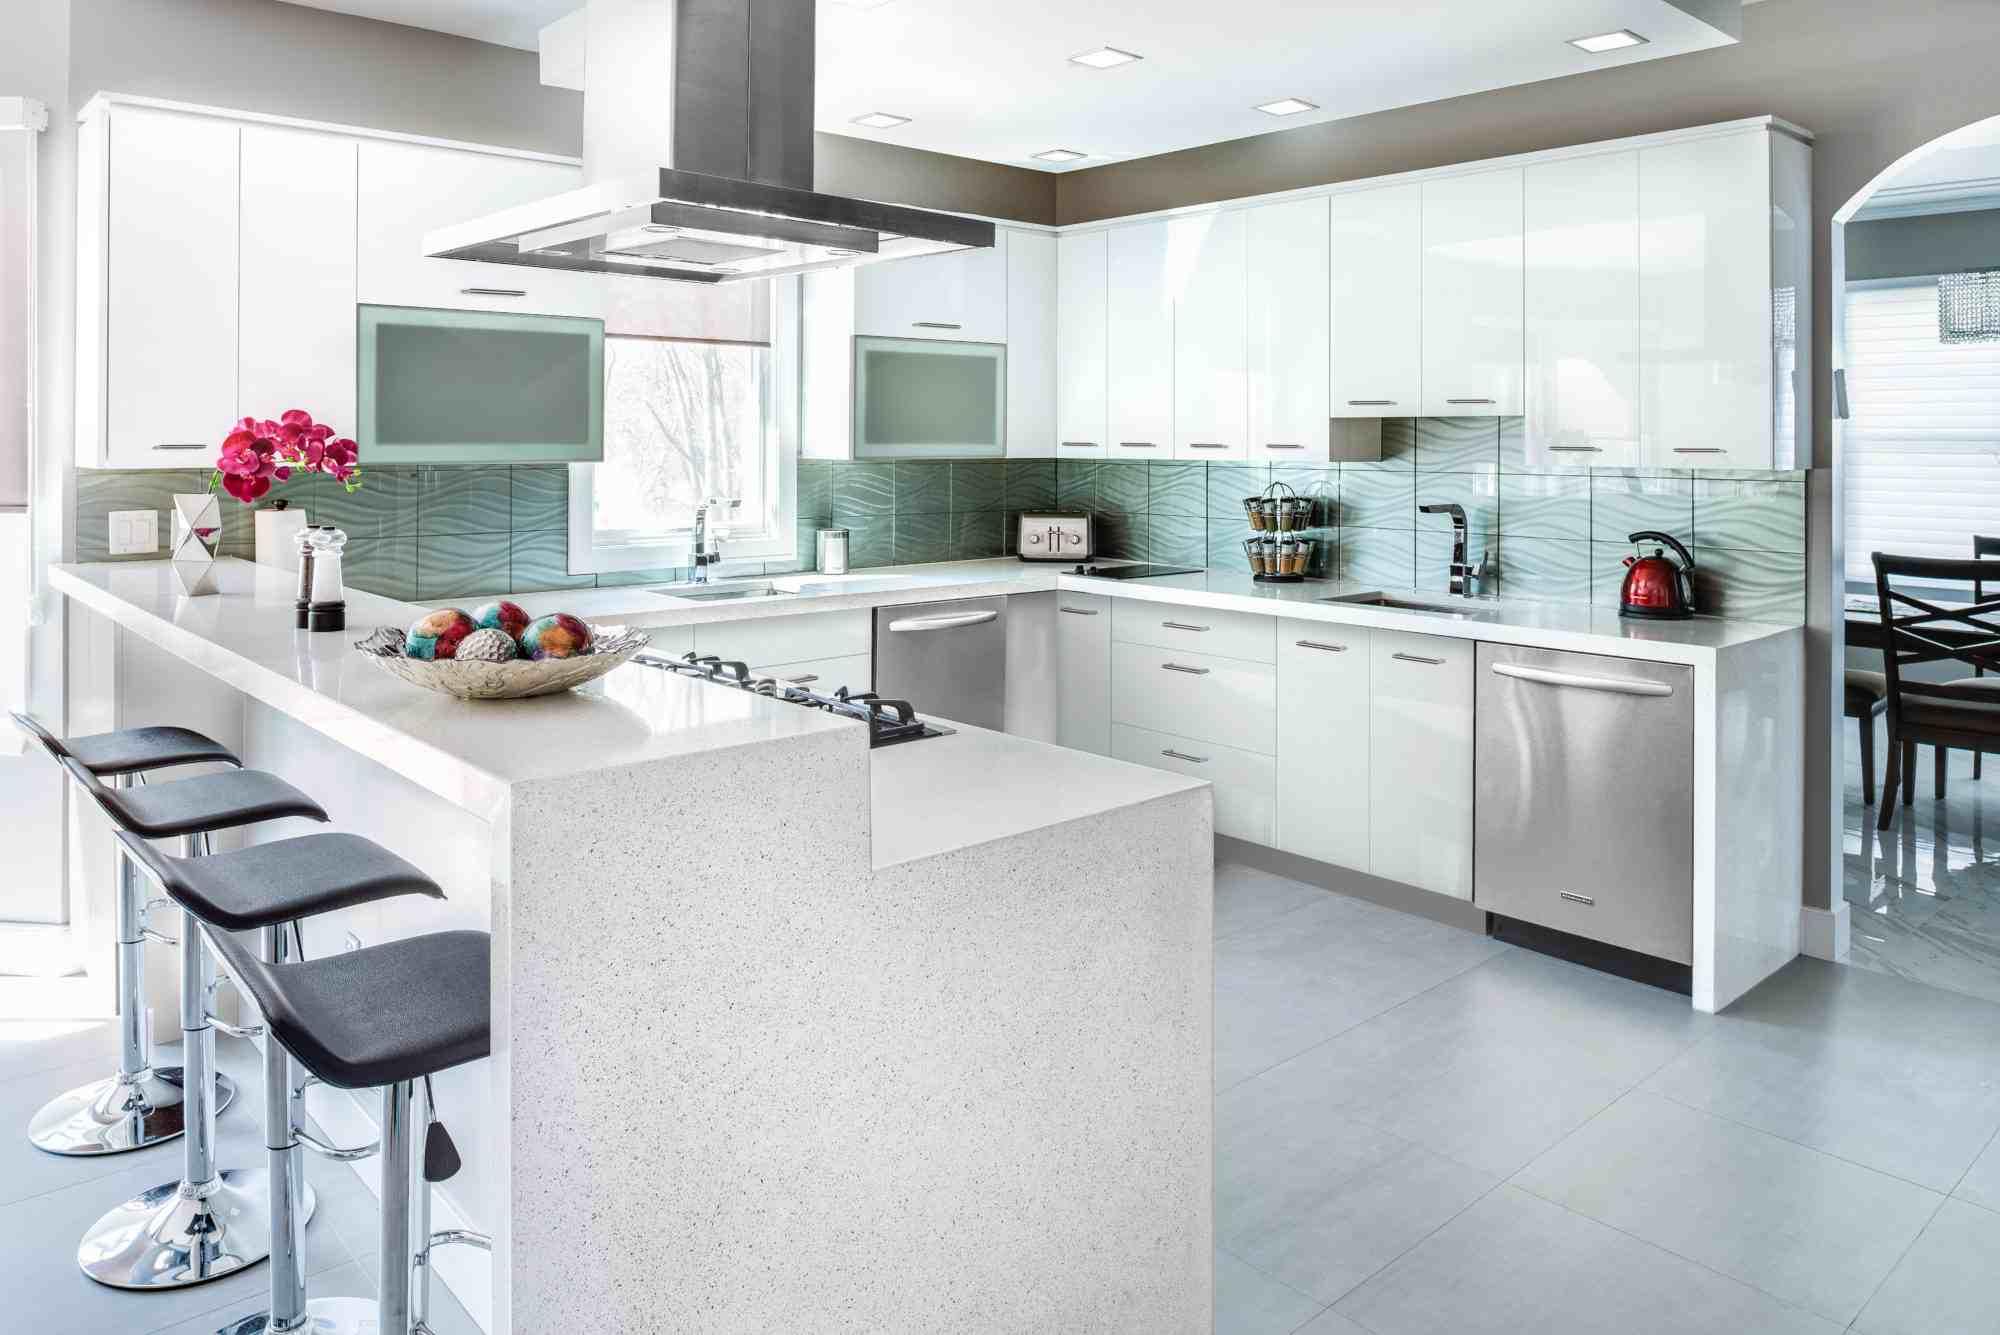 Home Improvement Contractor  White Kitchen Remodel Prima Bianco ...